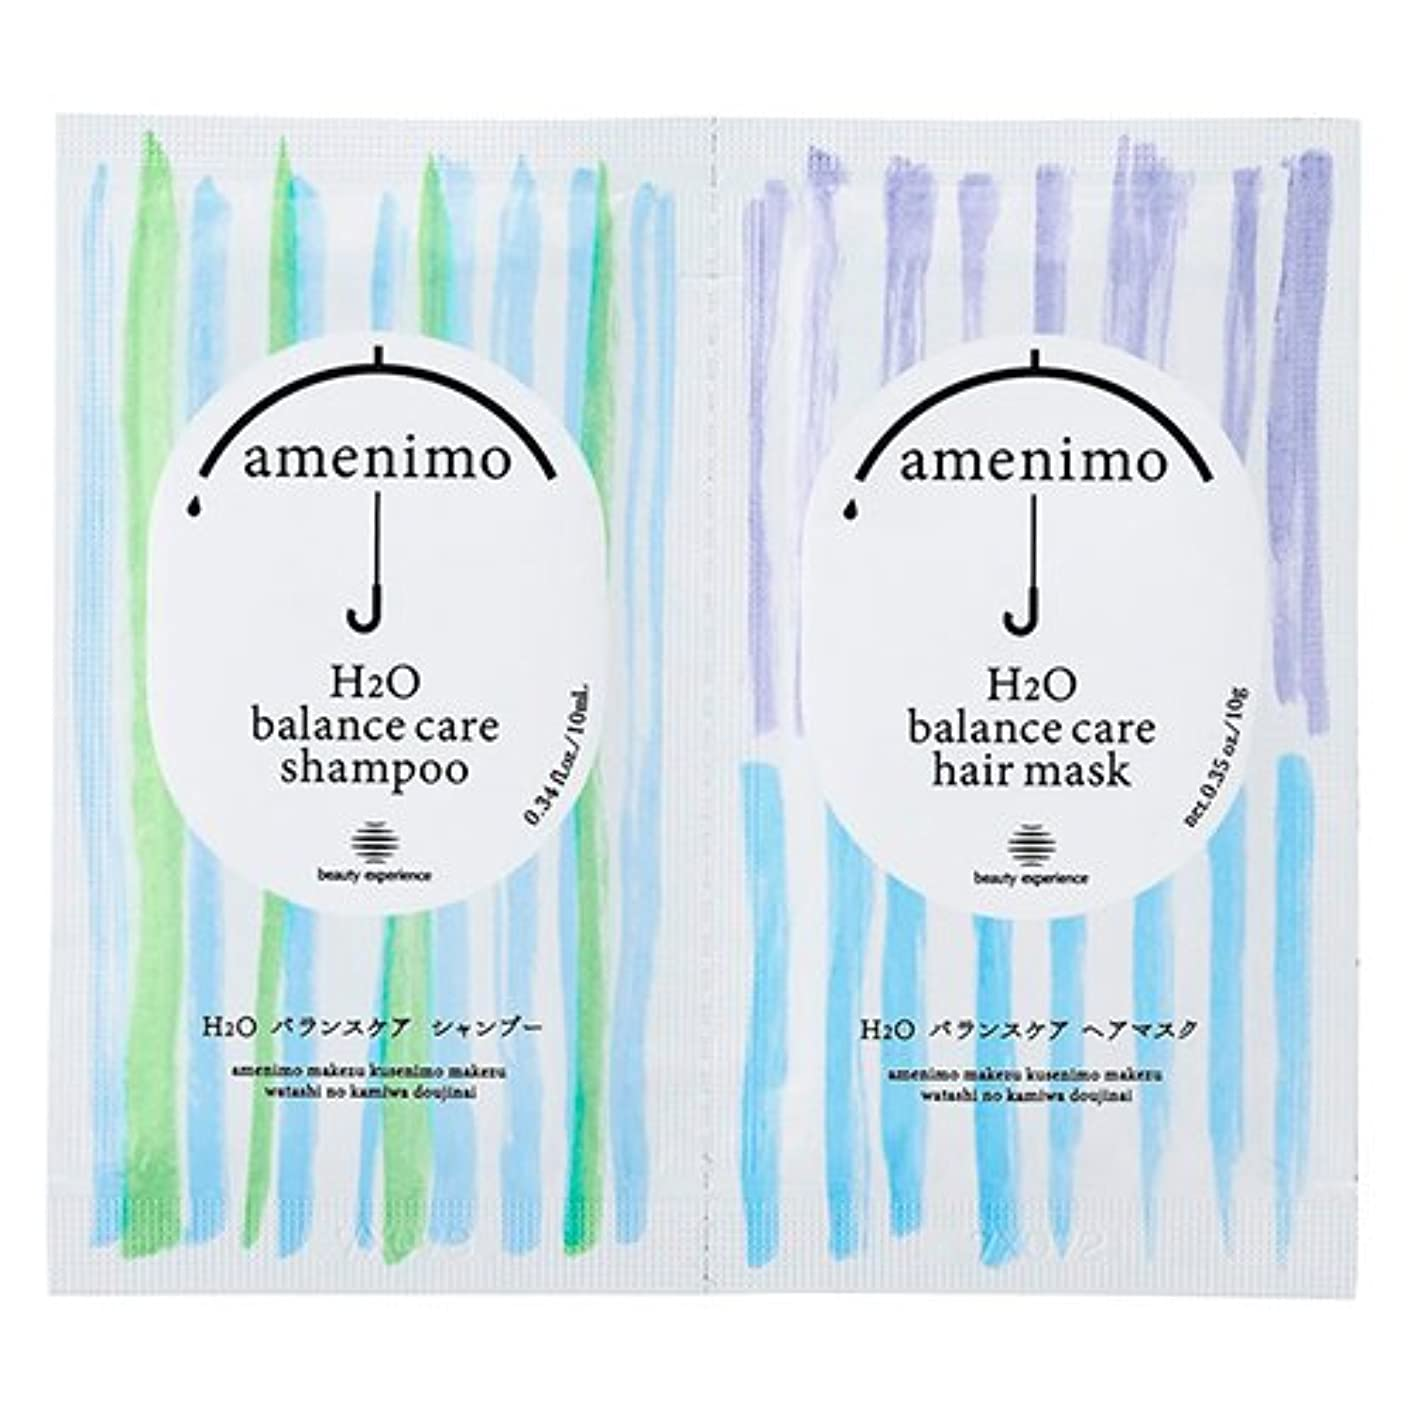 熟考する離れて邪悪なamenimo(アメニモ) H2O バランスケア シャンプー&ヘアマスク 1dayお試し 10mL+10g